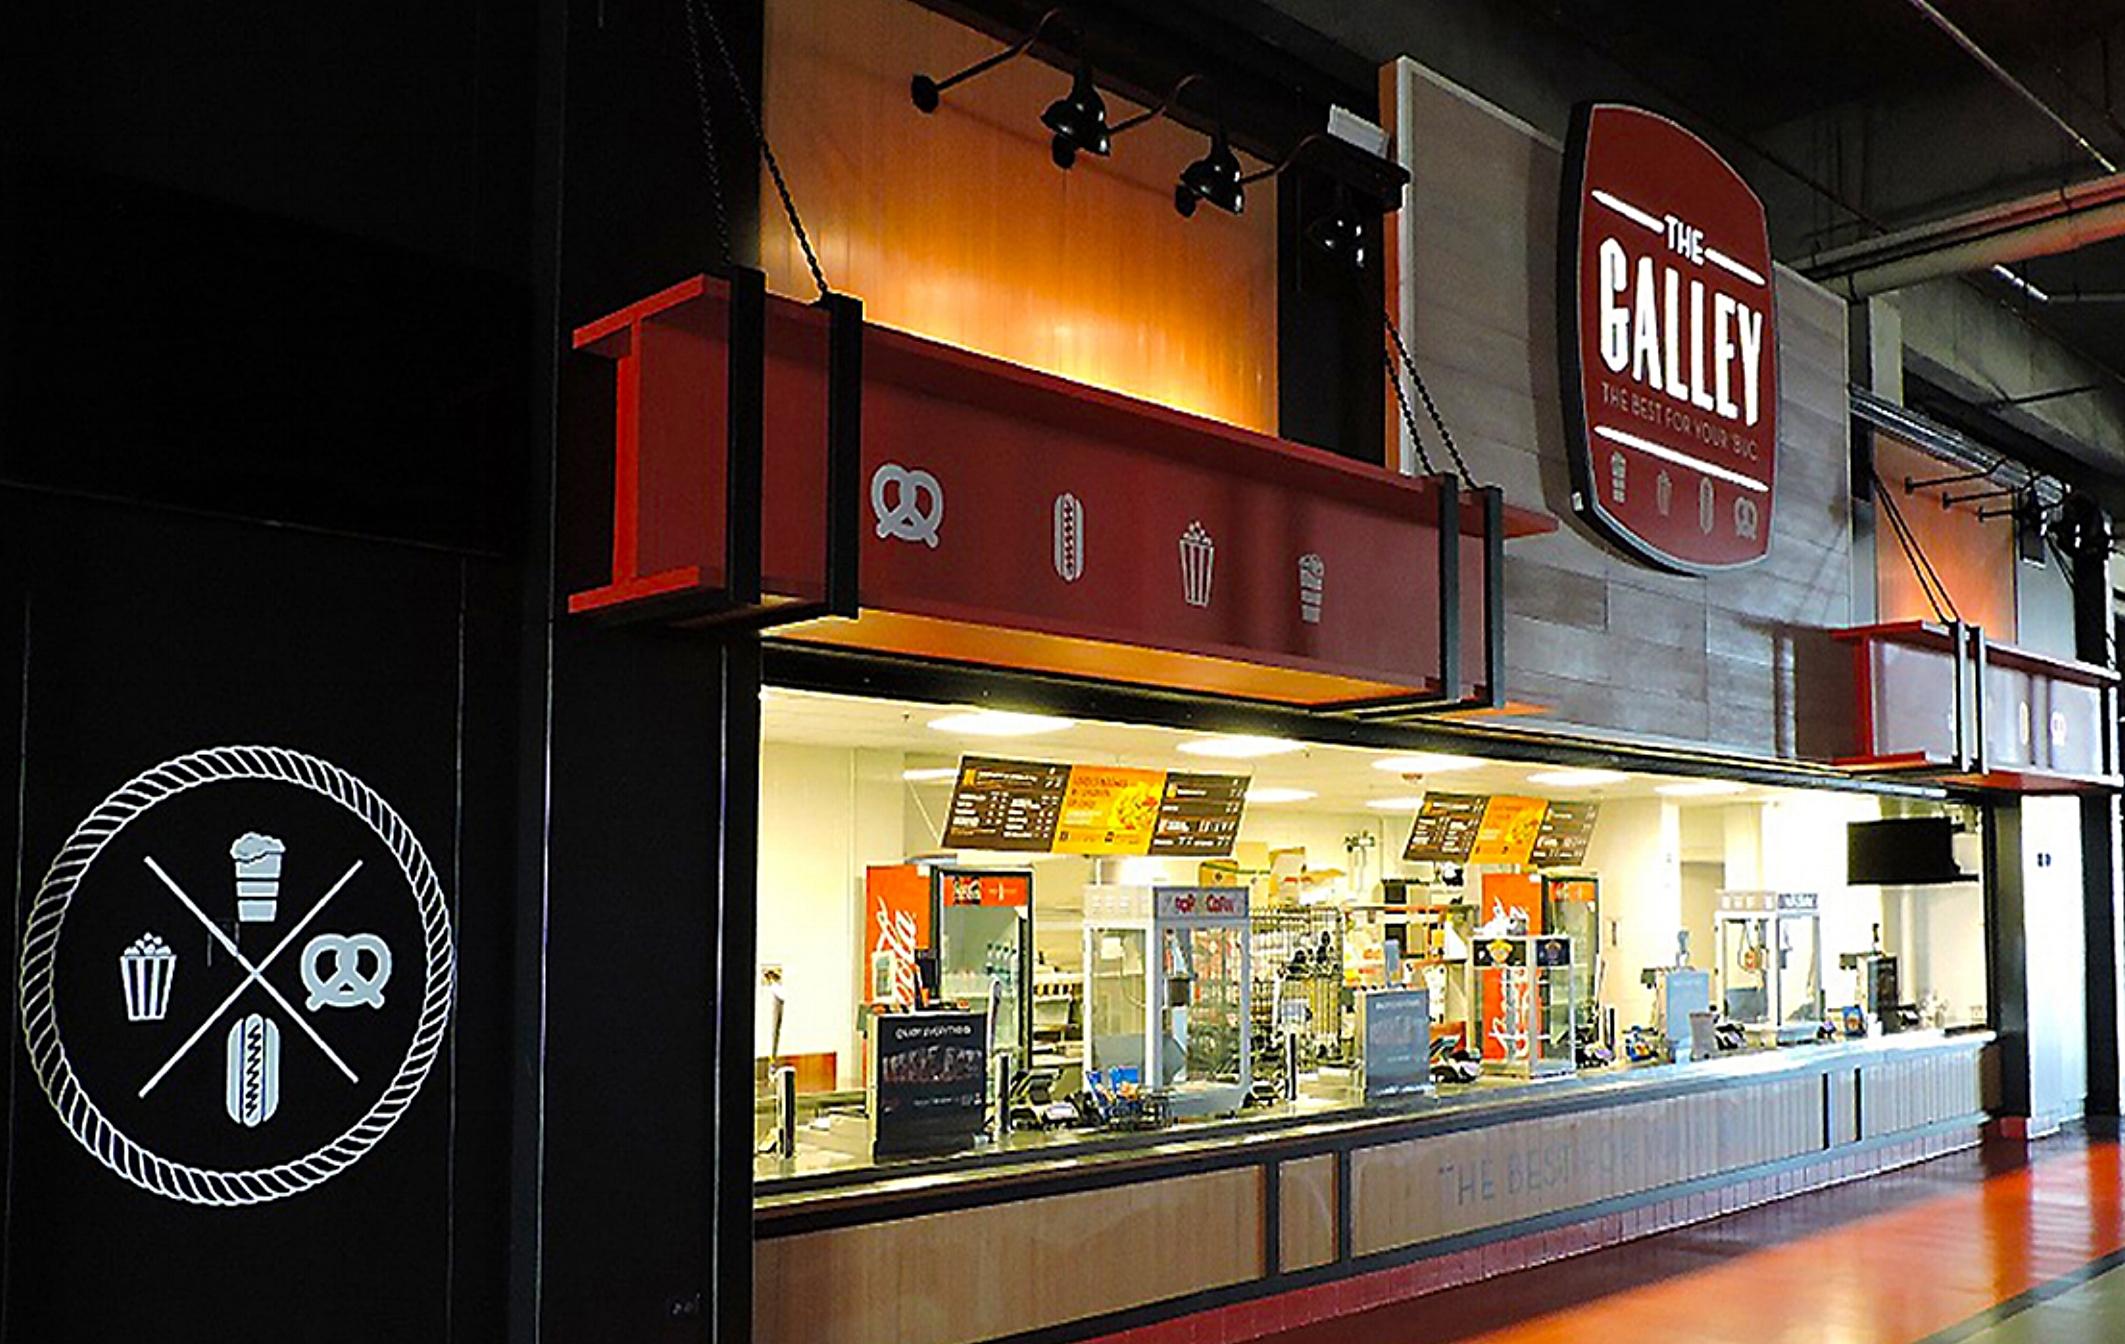 fl-retail-thegalley 1.jpg